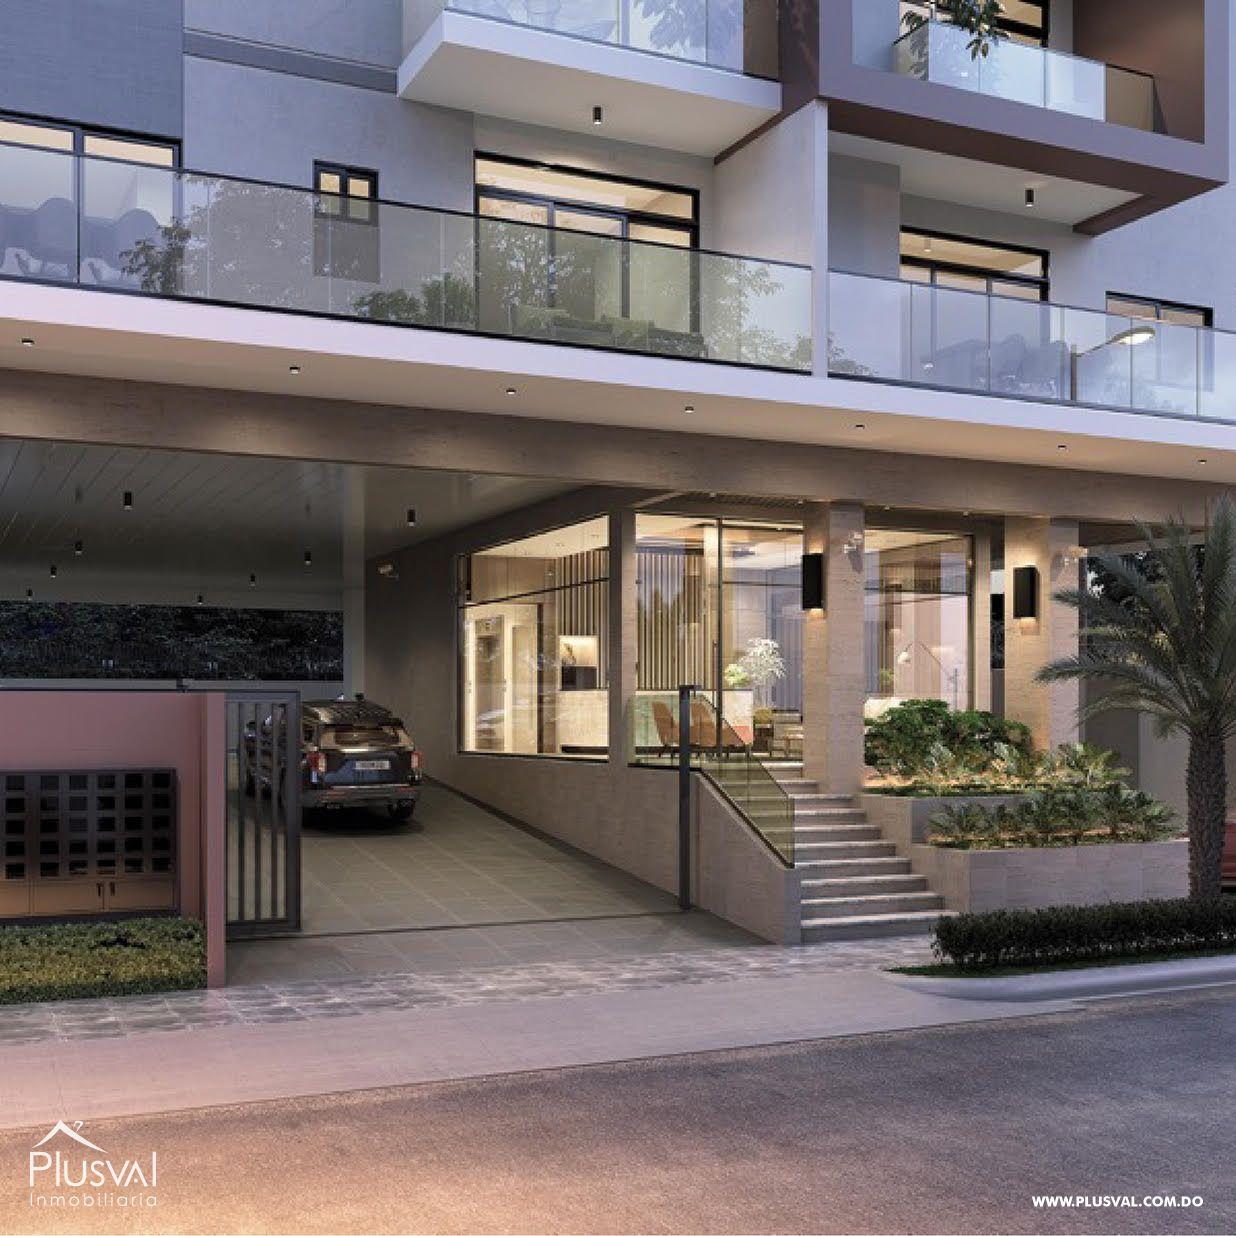 Proyecto de 1 y 2 habitaciones en venta en céntrico sector de Naco 153176